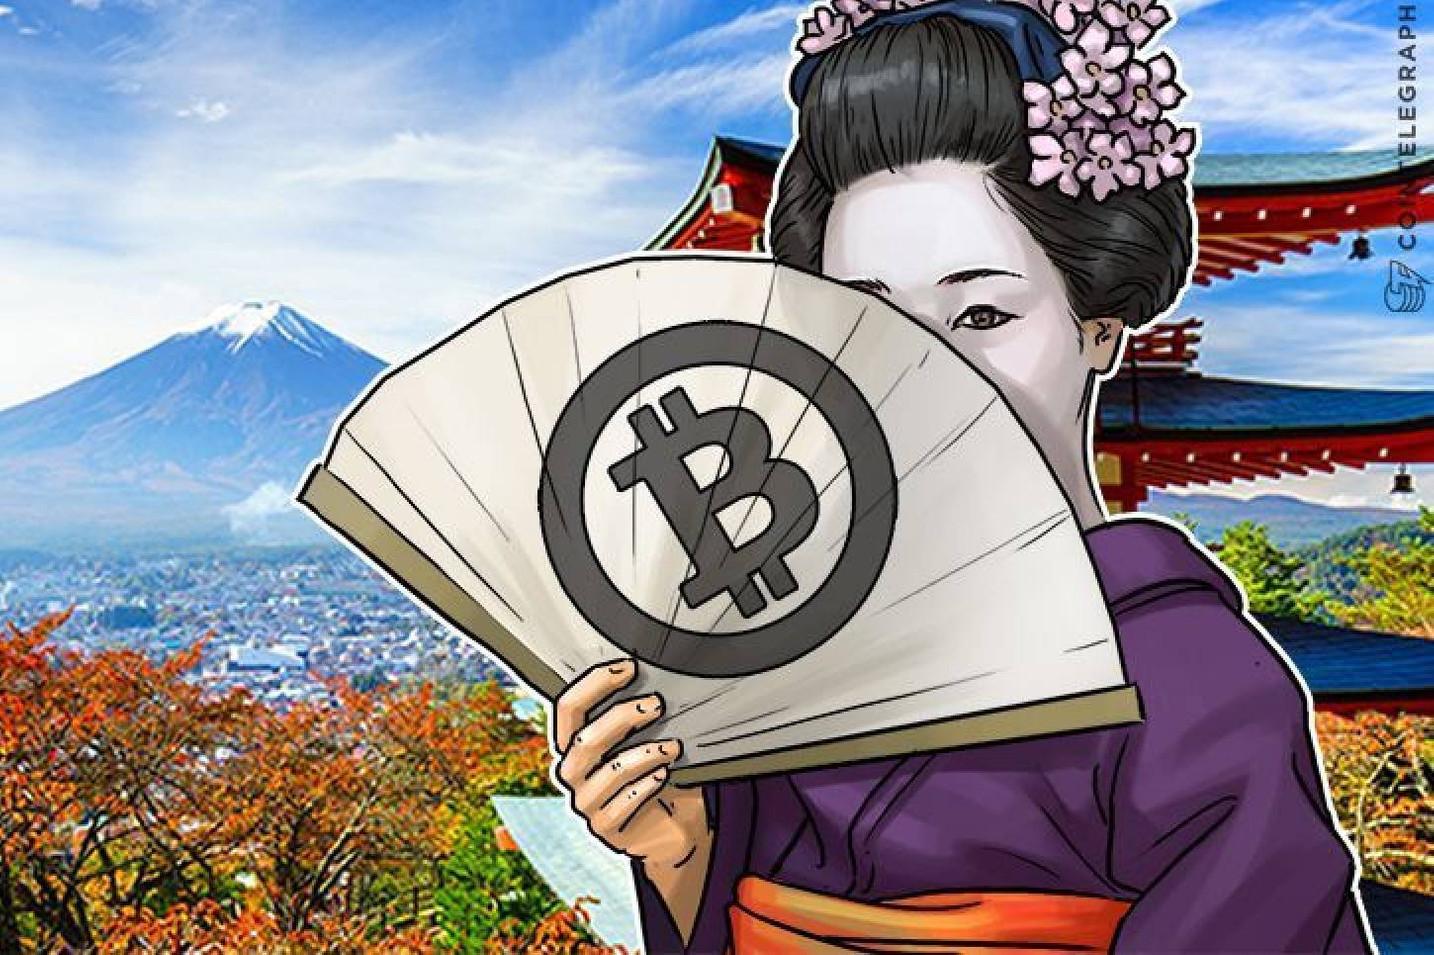 コイネージの仮想通貨取引サービス、奥山CEO「ビットコイン愛を伝えていく」=ビットコイナー反省会